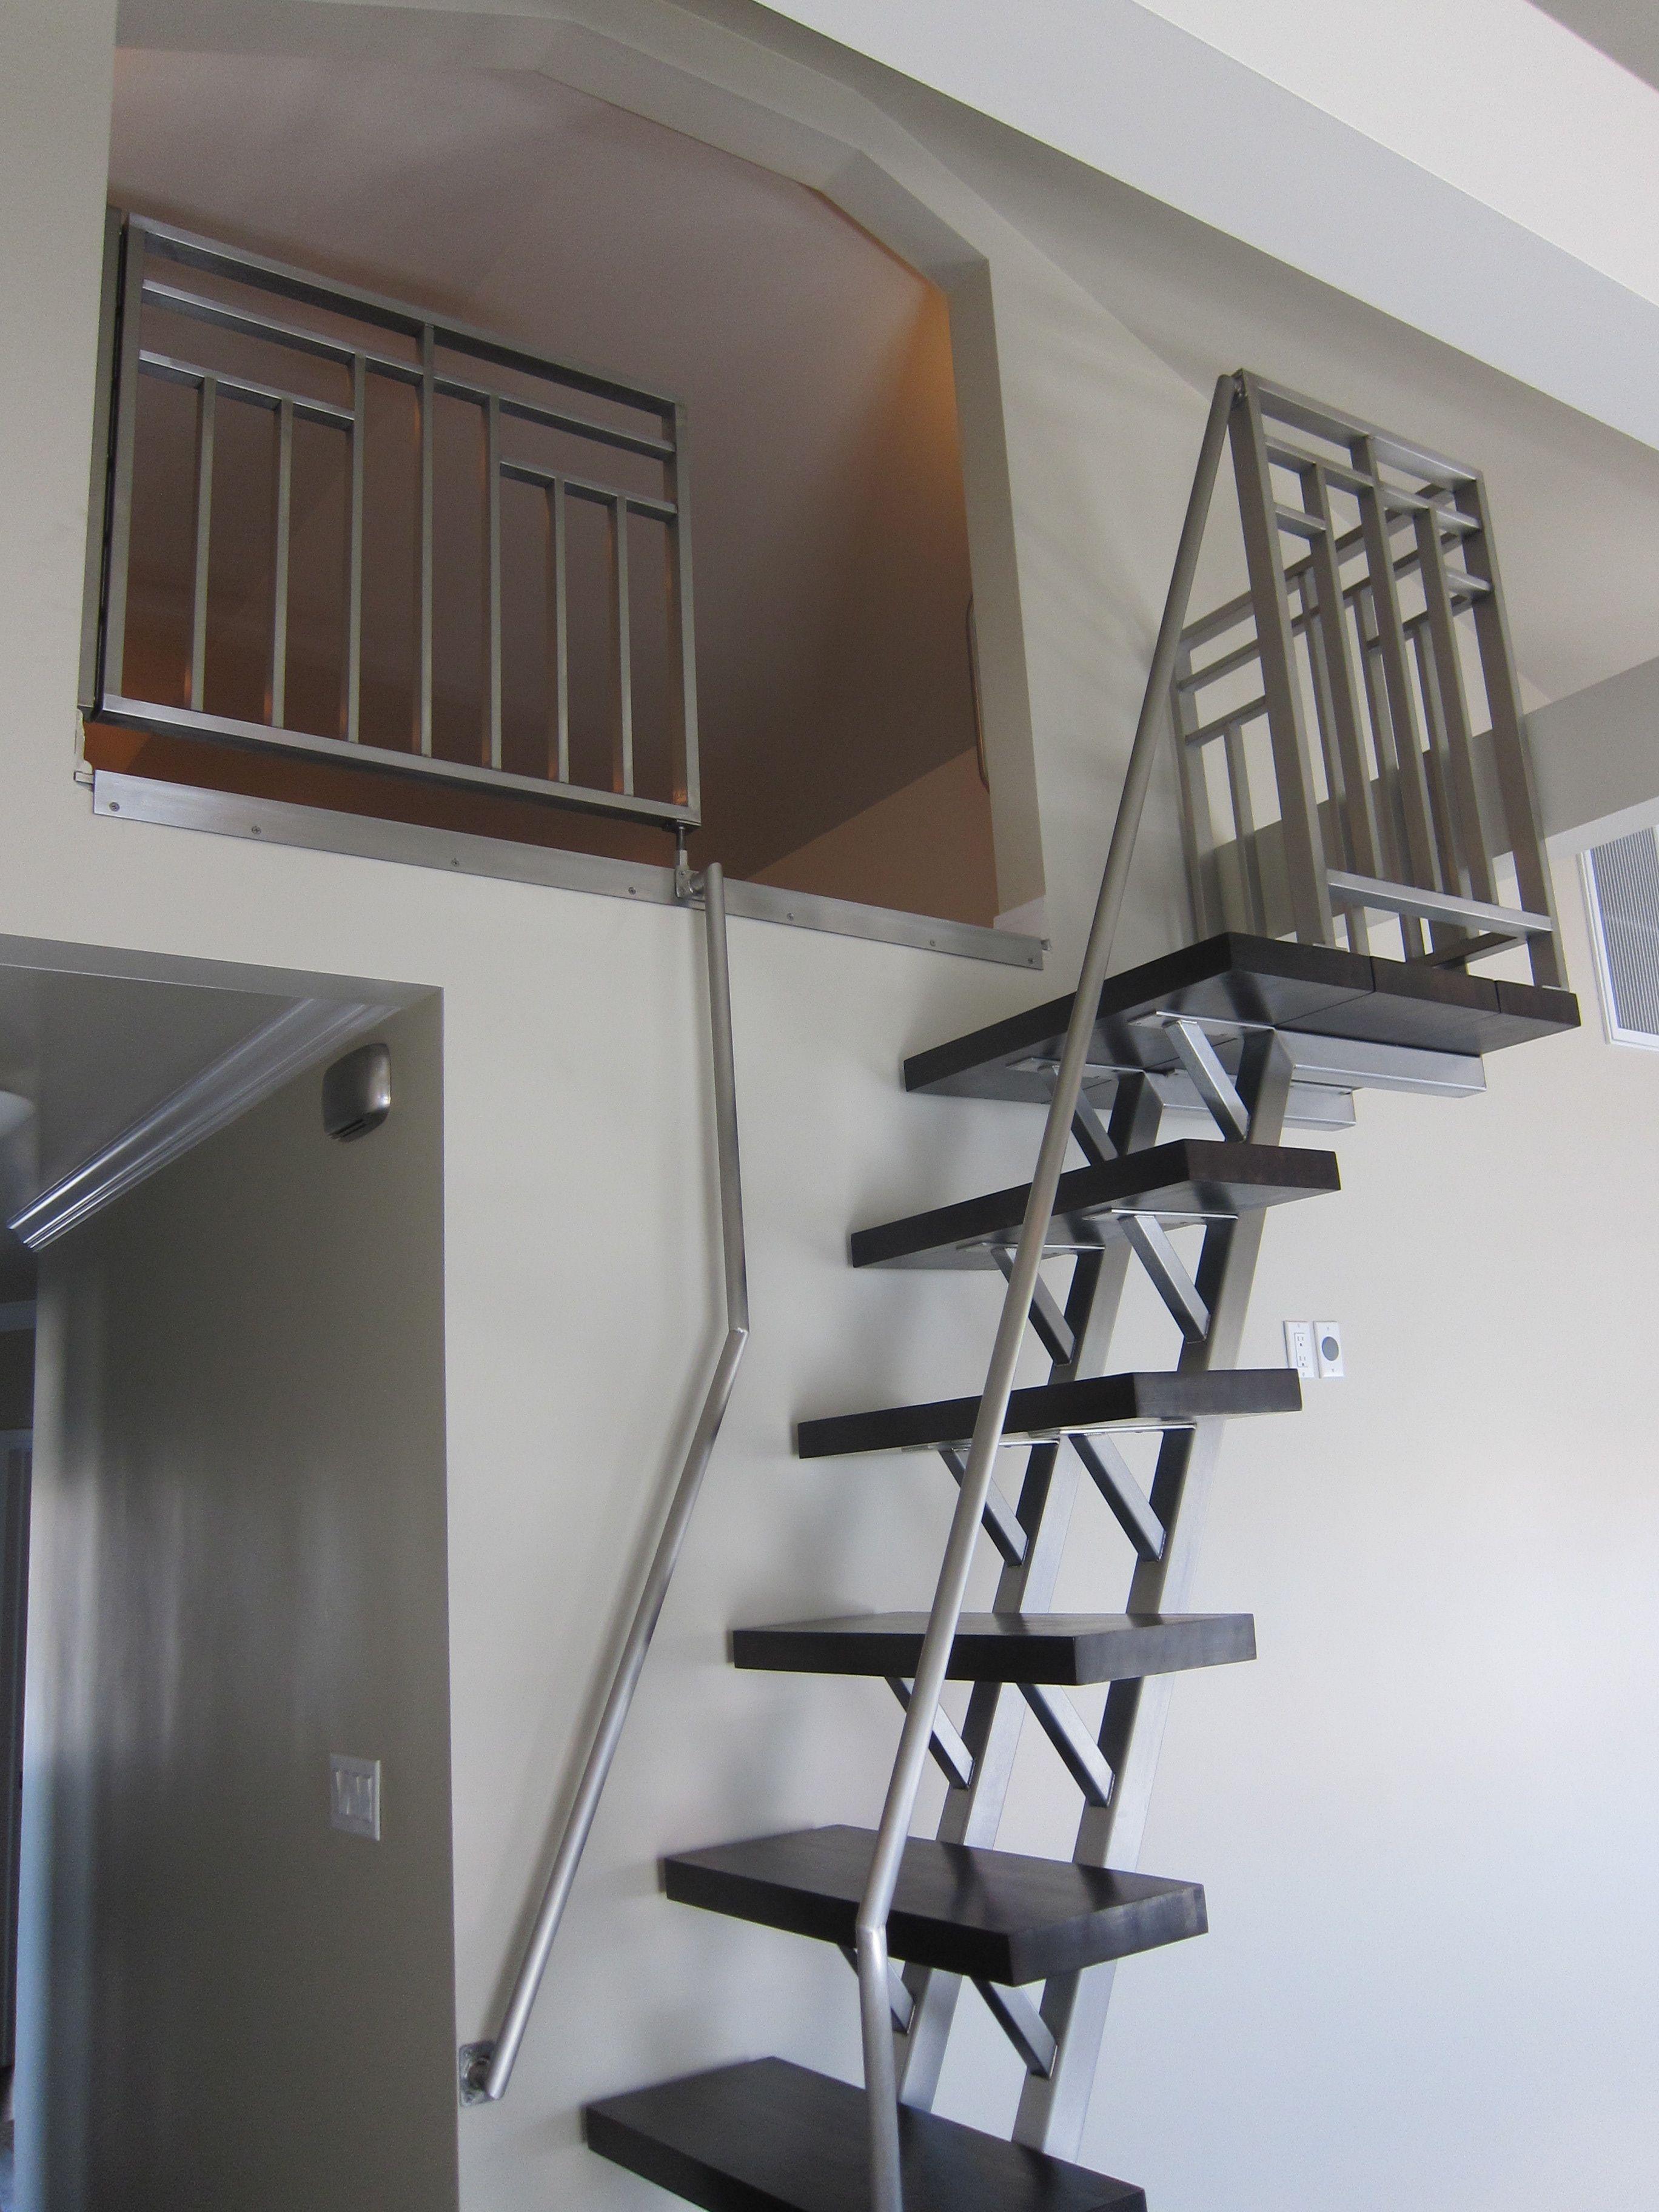 Best Deco Stainless Steel Loft Ladder And Ladder Design Warren Casey Loft Ladder Small Attic 400 x 300